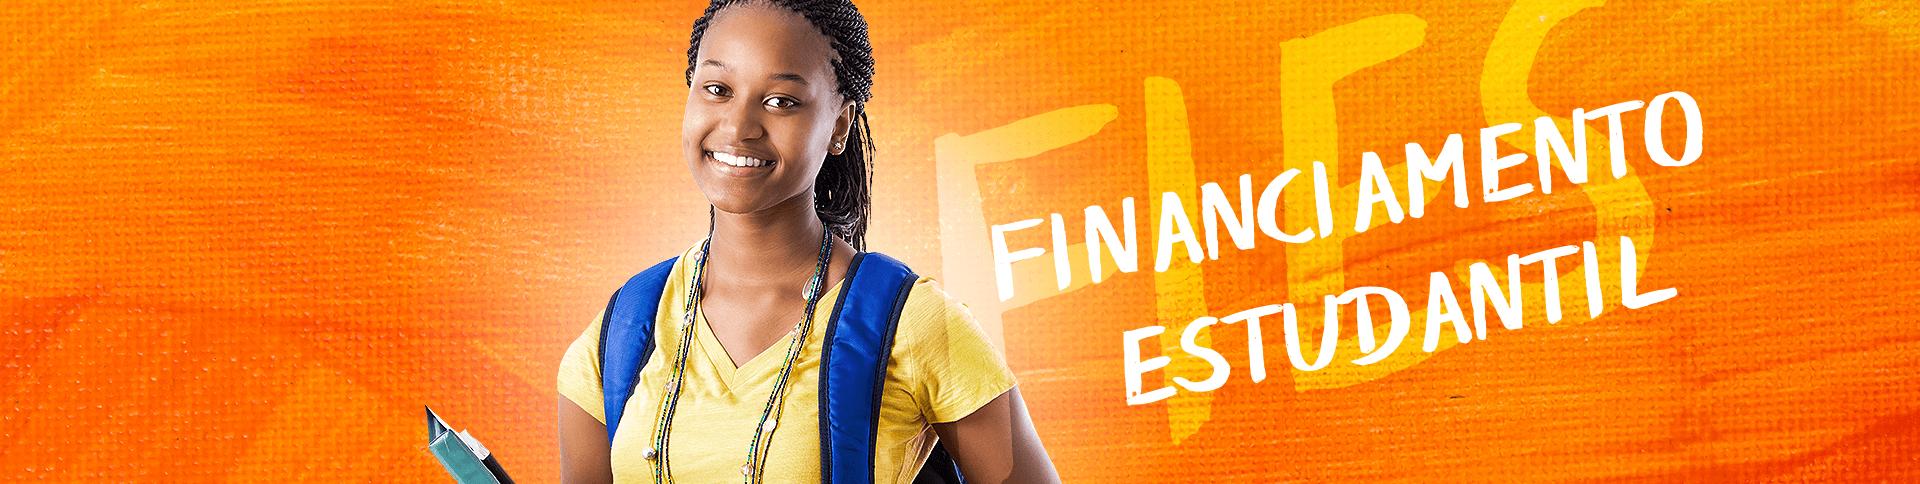 banner financiamento estudantil com moça em fundo laranja